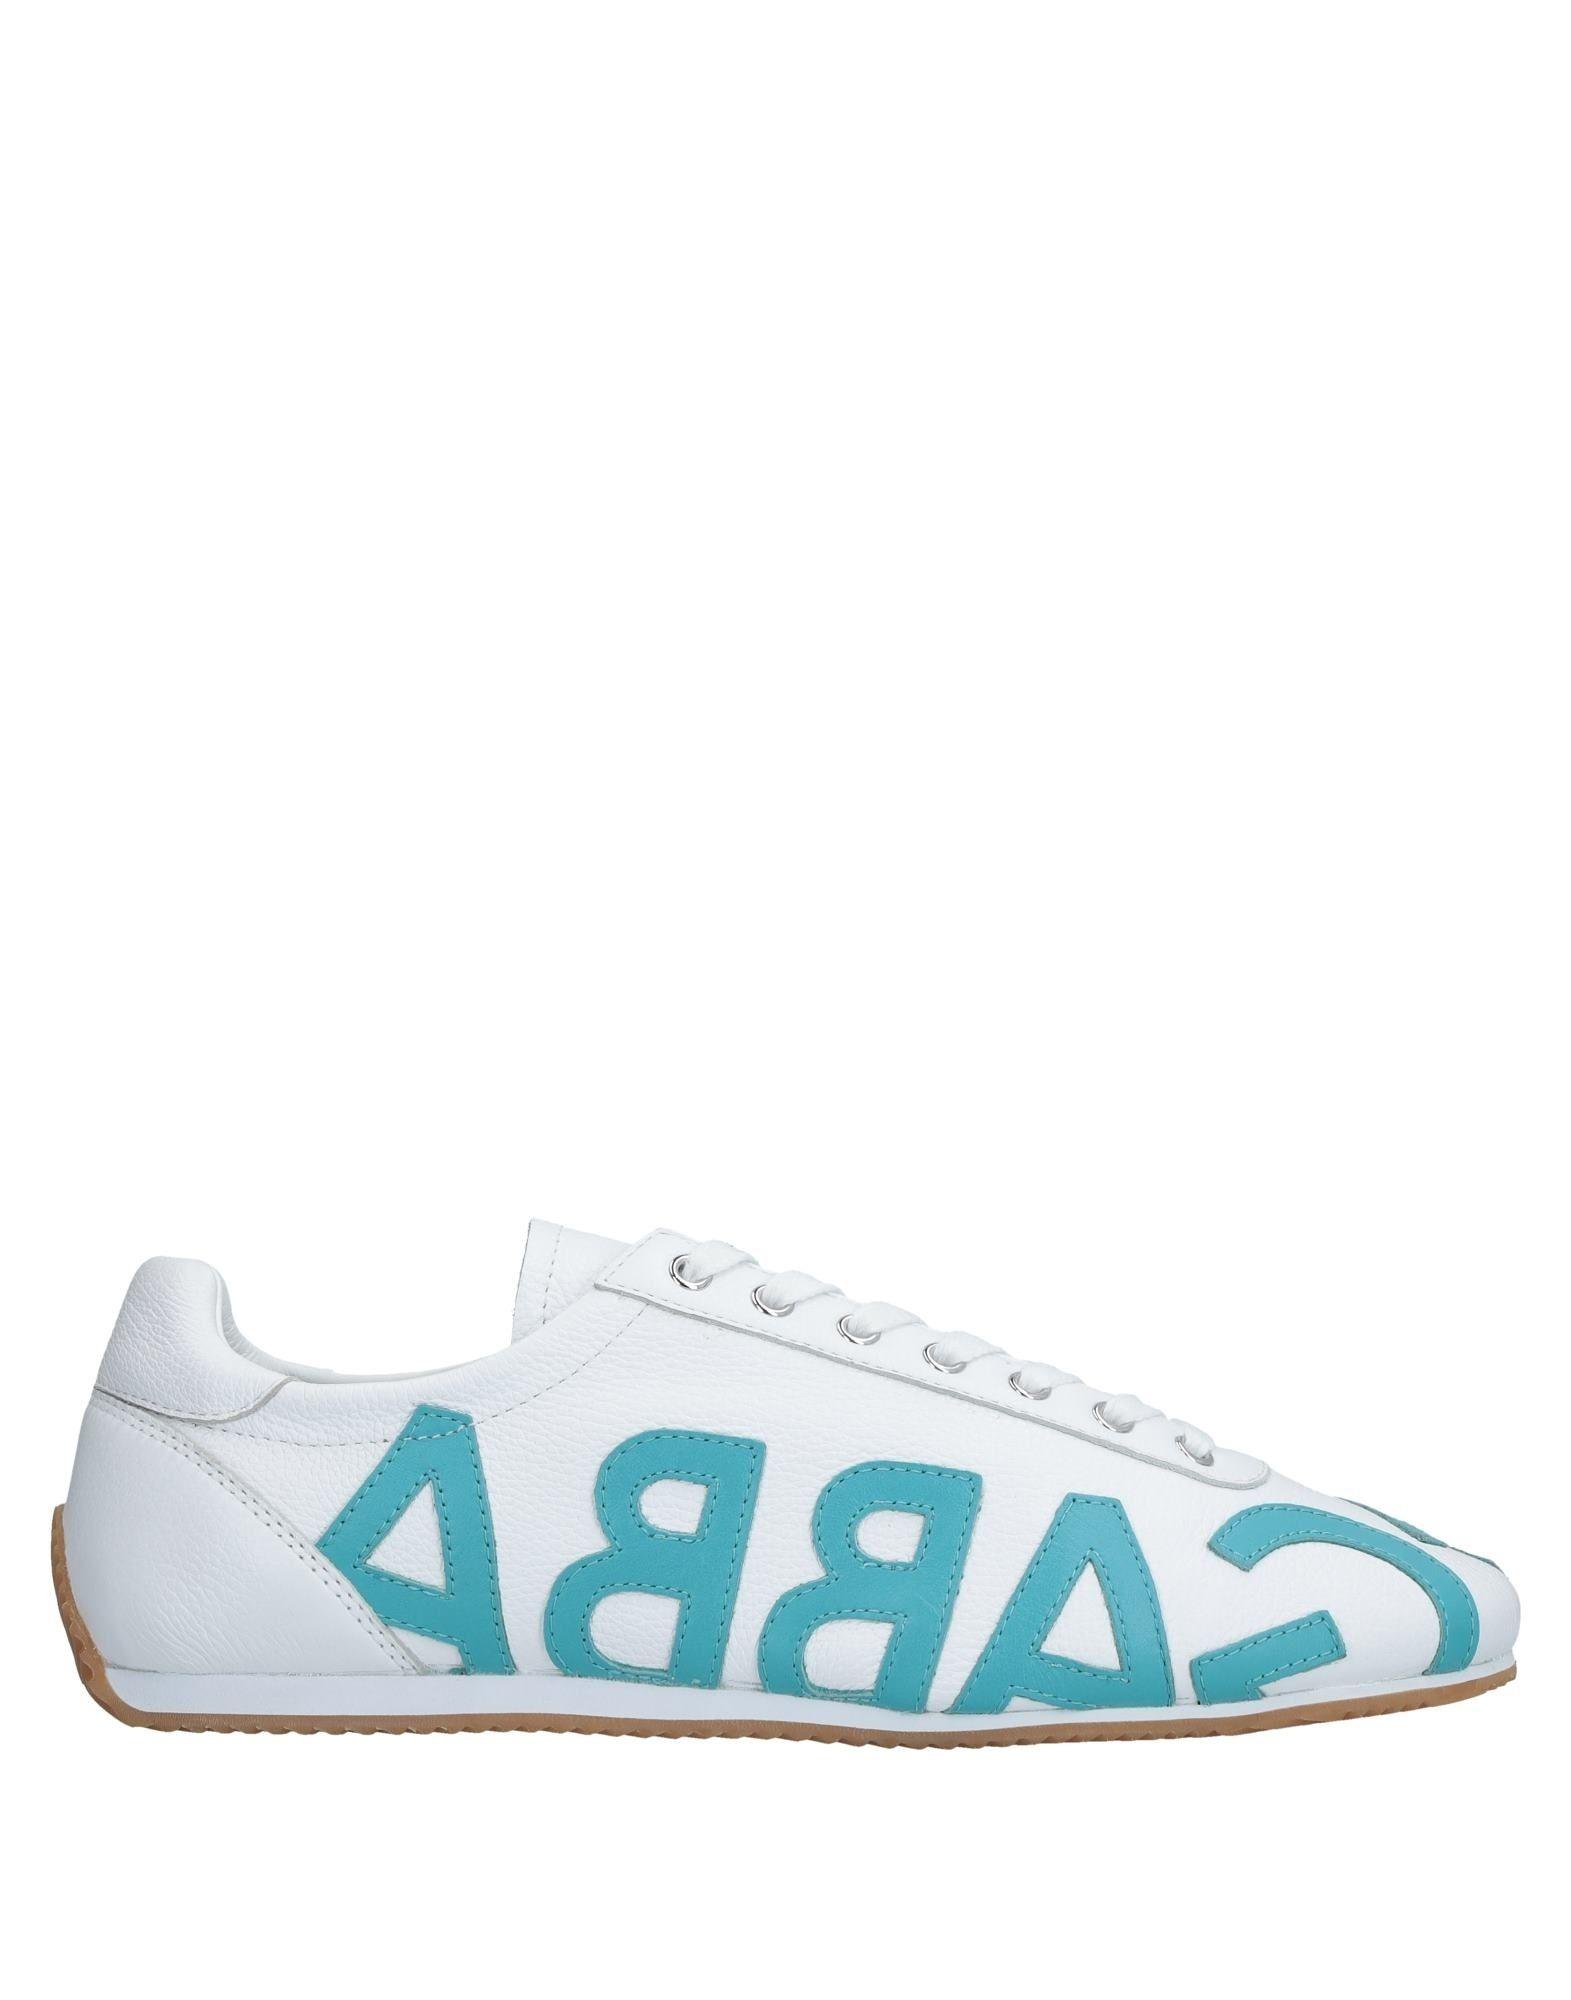 Dolce & Gabbana Sneakers Herren  11544021OO Gute Qualität beliebte Schuhe